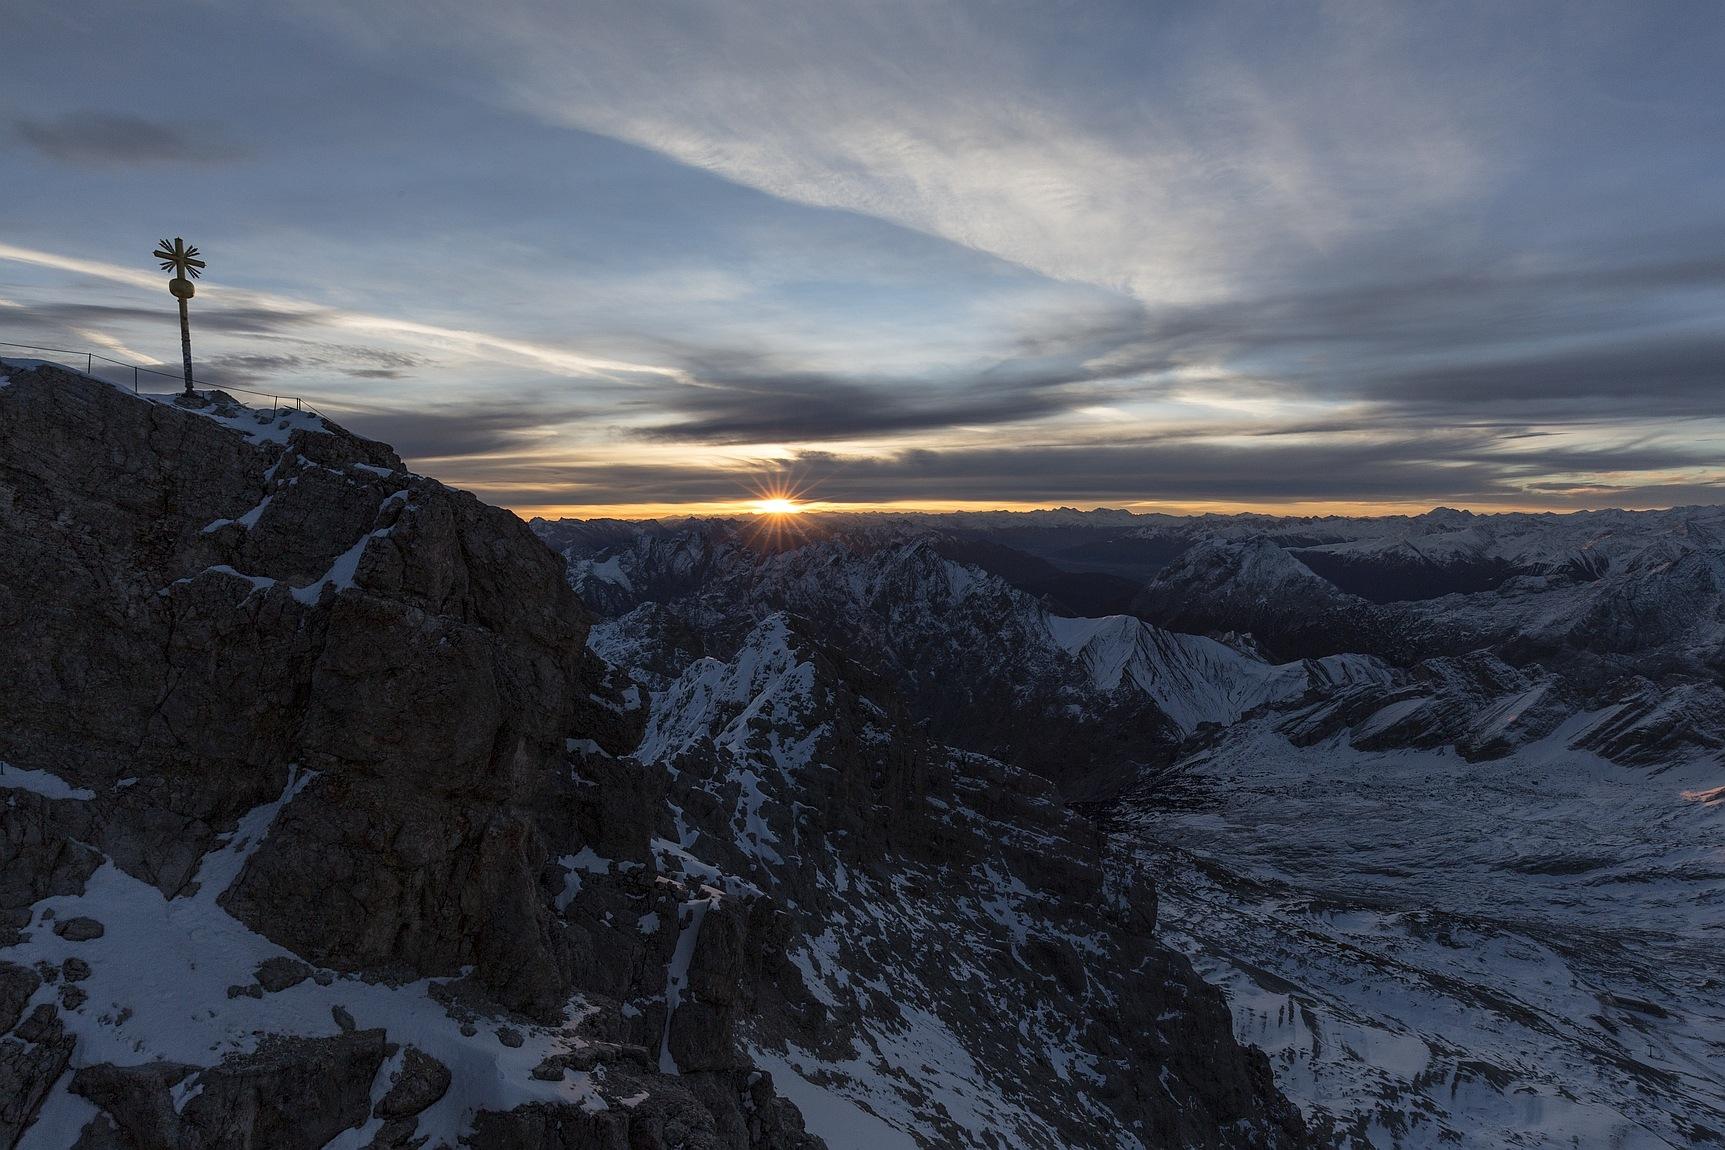 Zugspitz Sunrise by Jens Vischer